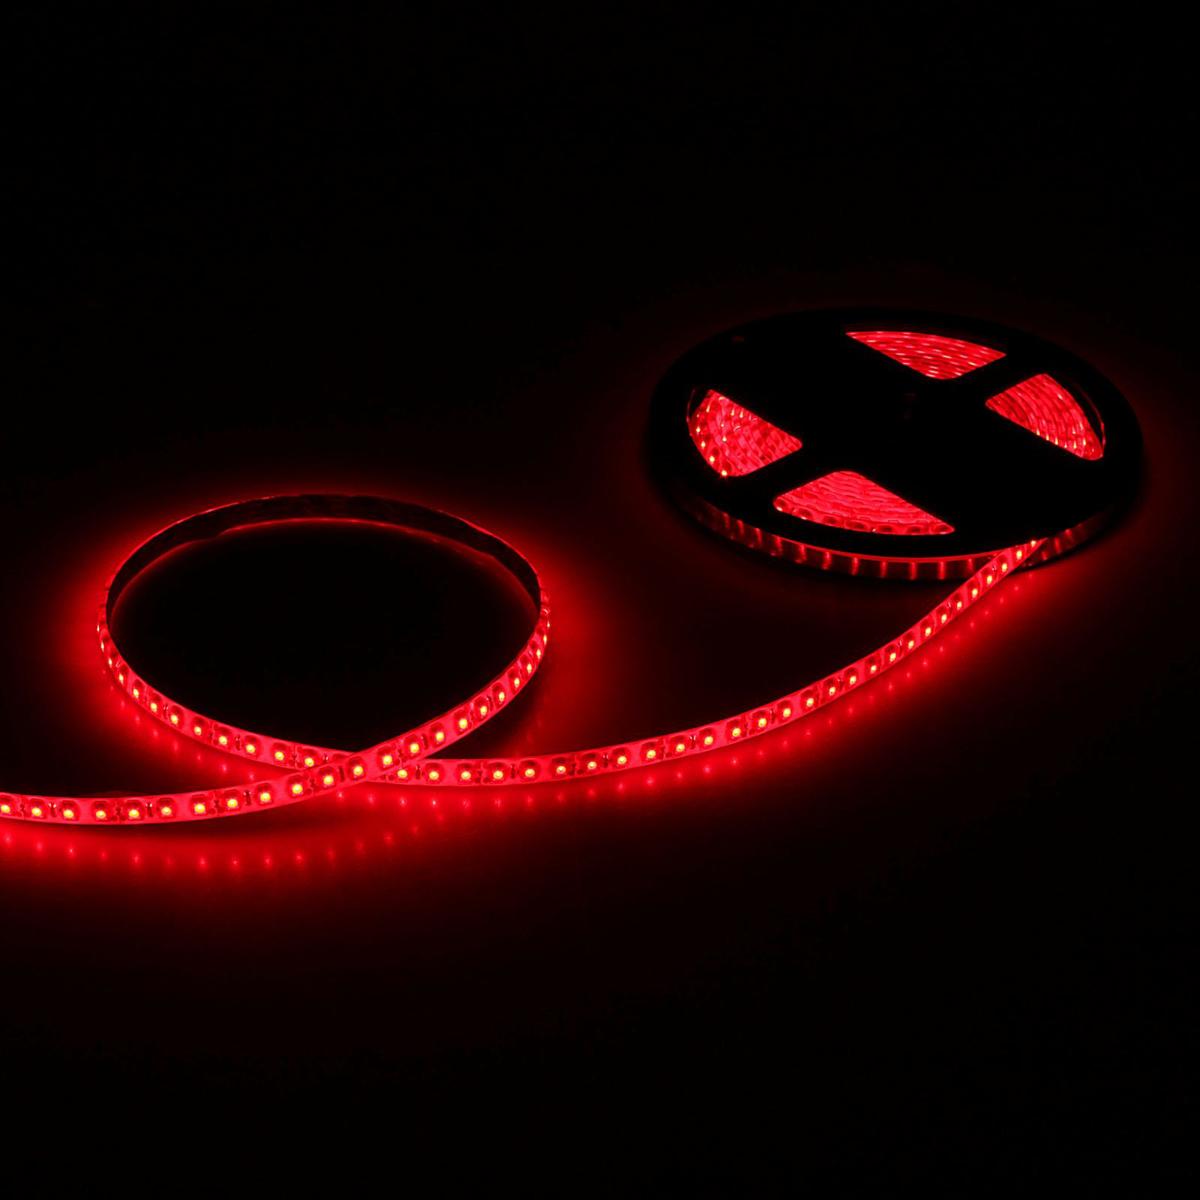 Светодиодная лента Sima-land, 12В, SMD3528, длина 5 м, IP65, 120 LED ламп, 9.6 Вт/м, 6-7 Лм/1 LED, DC, цвет: красный. 848547848547Светодиодные гирлянды, ленты и т.д — это отличный вариант для новогоднего оформления интерьера или фасада. С их помощью помещение любого размера можно превратить в праздничный зал, а внешние элементы зданий, украшенные ими, мгновенно станут напоминать очертания сказочного дворца. Такие украшения создают ауру предвкушения чуда. Деревья, фасады, витрины, окна и арки будто специально созданы, чтобы вы украсили их светящимися нитями.